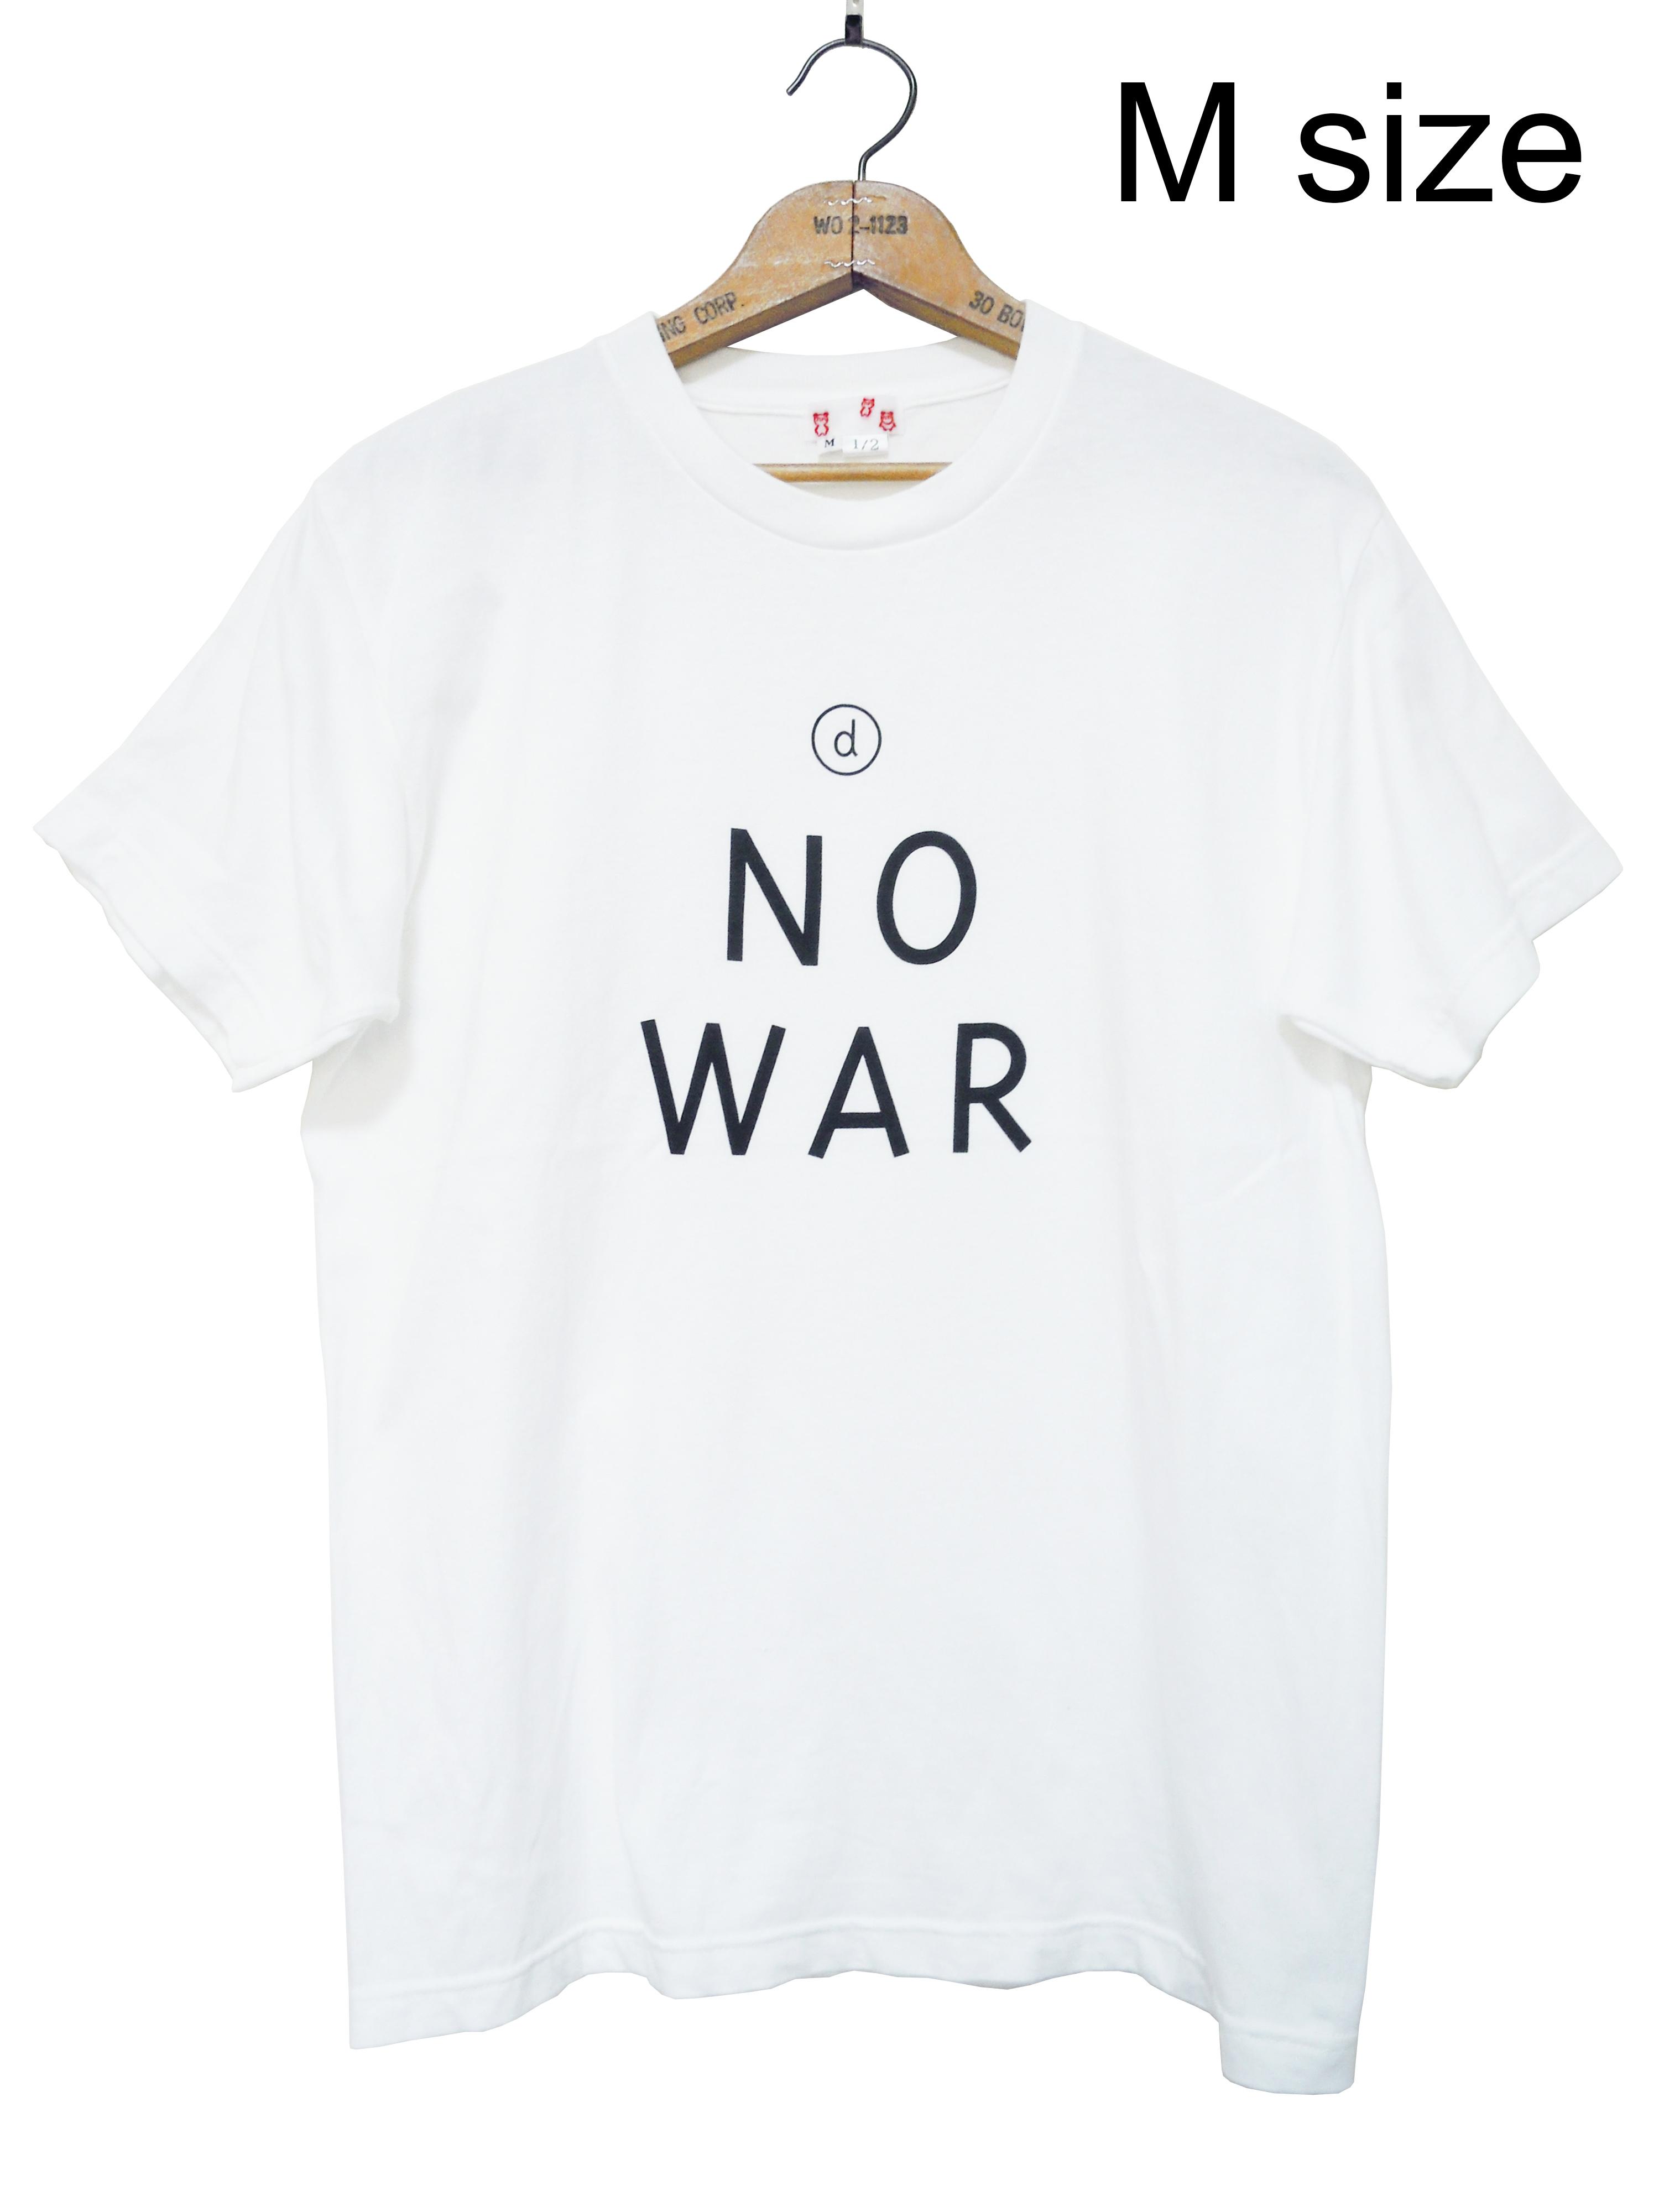 Tシャツ、プリント、半袖、メンズ、モノトーン